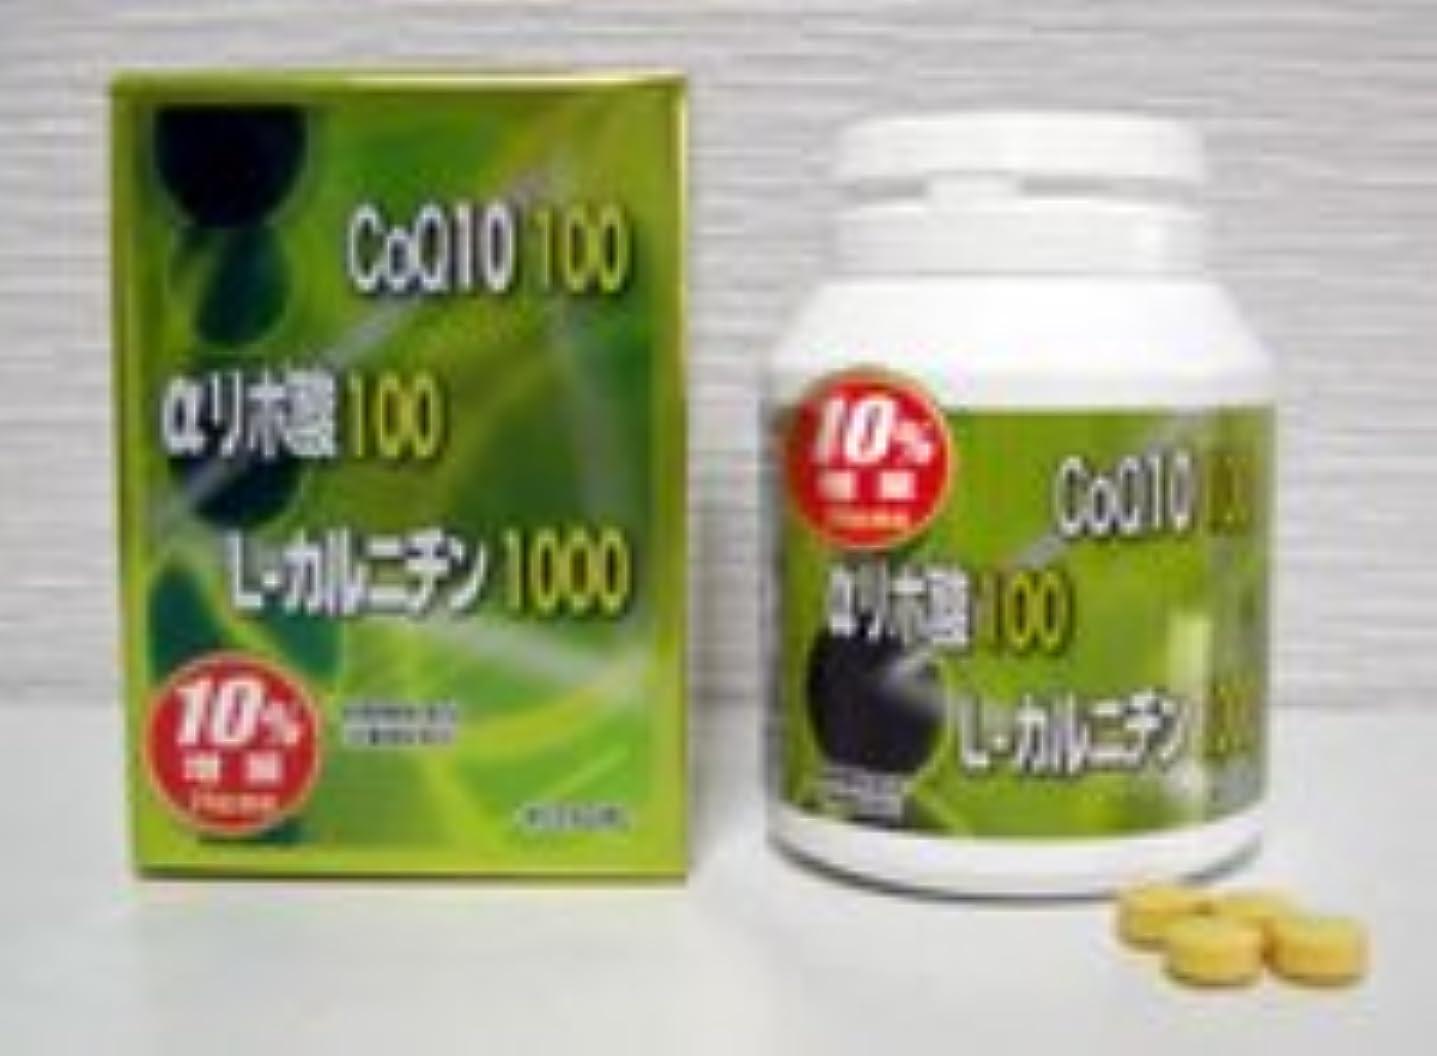 愚かな修羅場芽ダイエットサプリ CoQ10+αリポ酸+L-カルニチン 102.96g(390mg×約264粒)